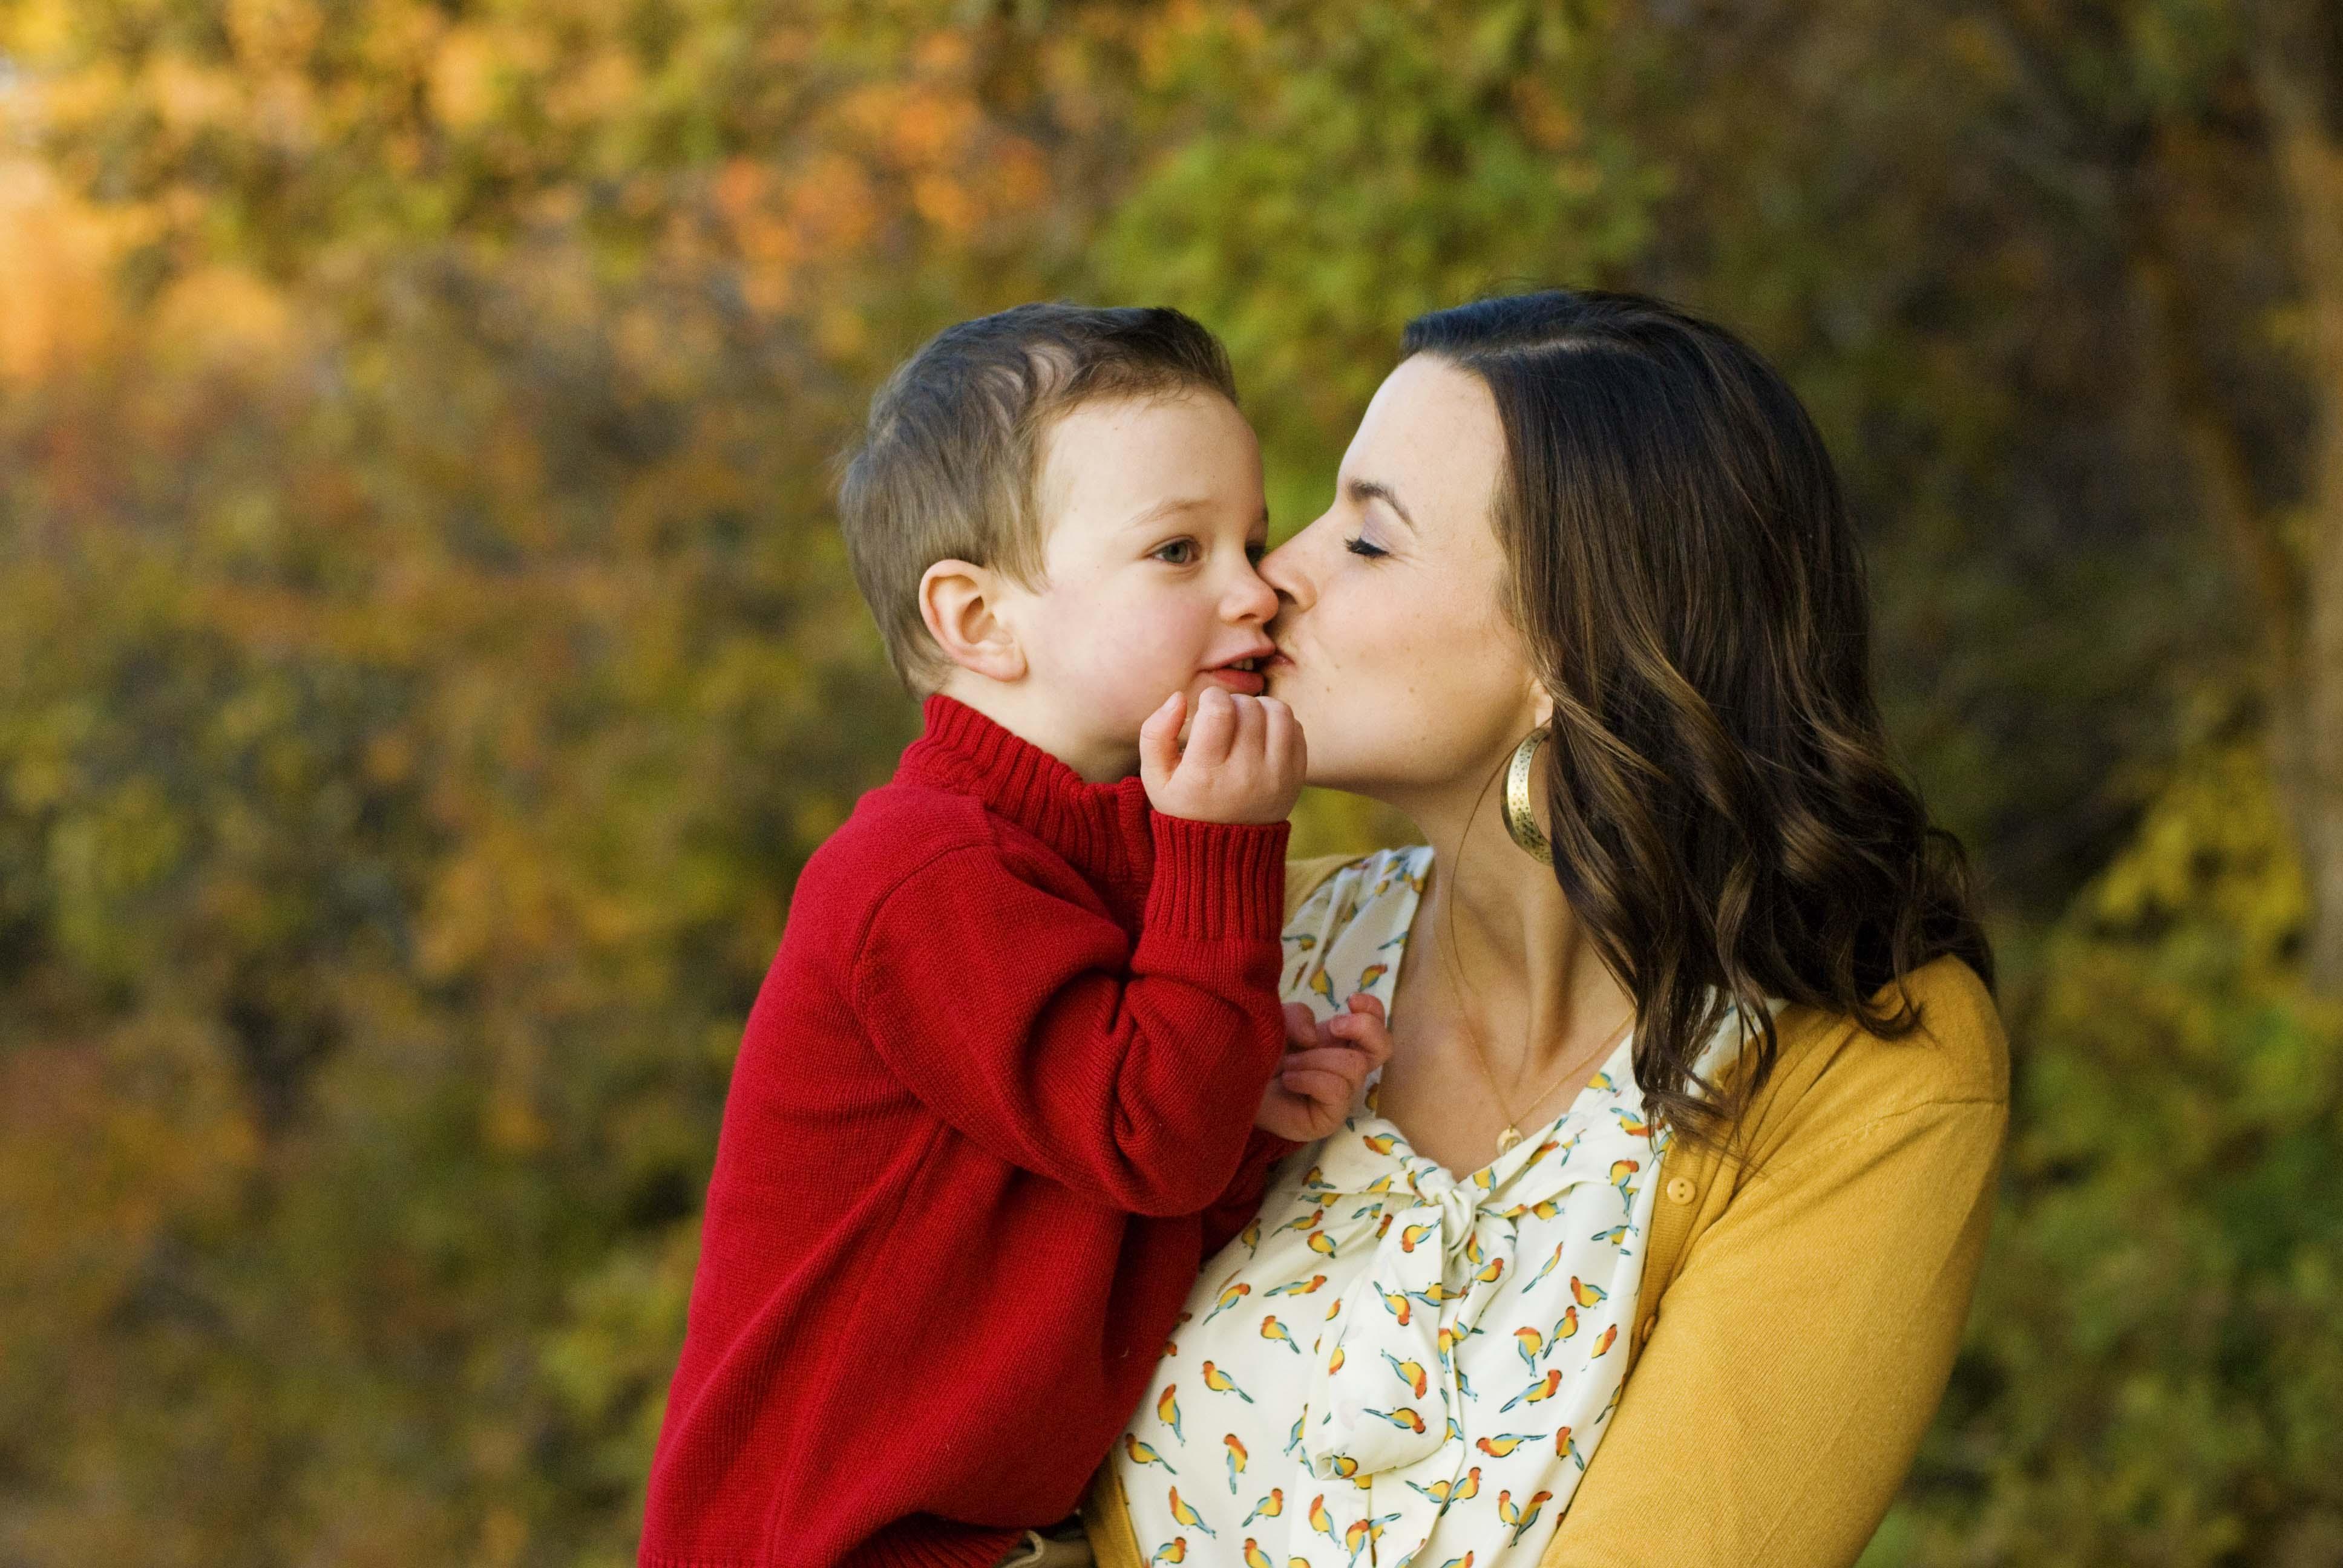 Статусы мама и маленький ребенок